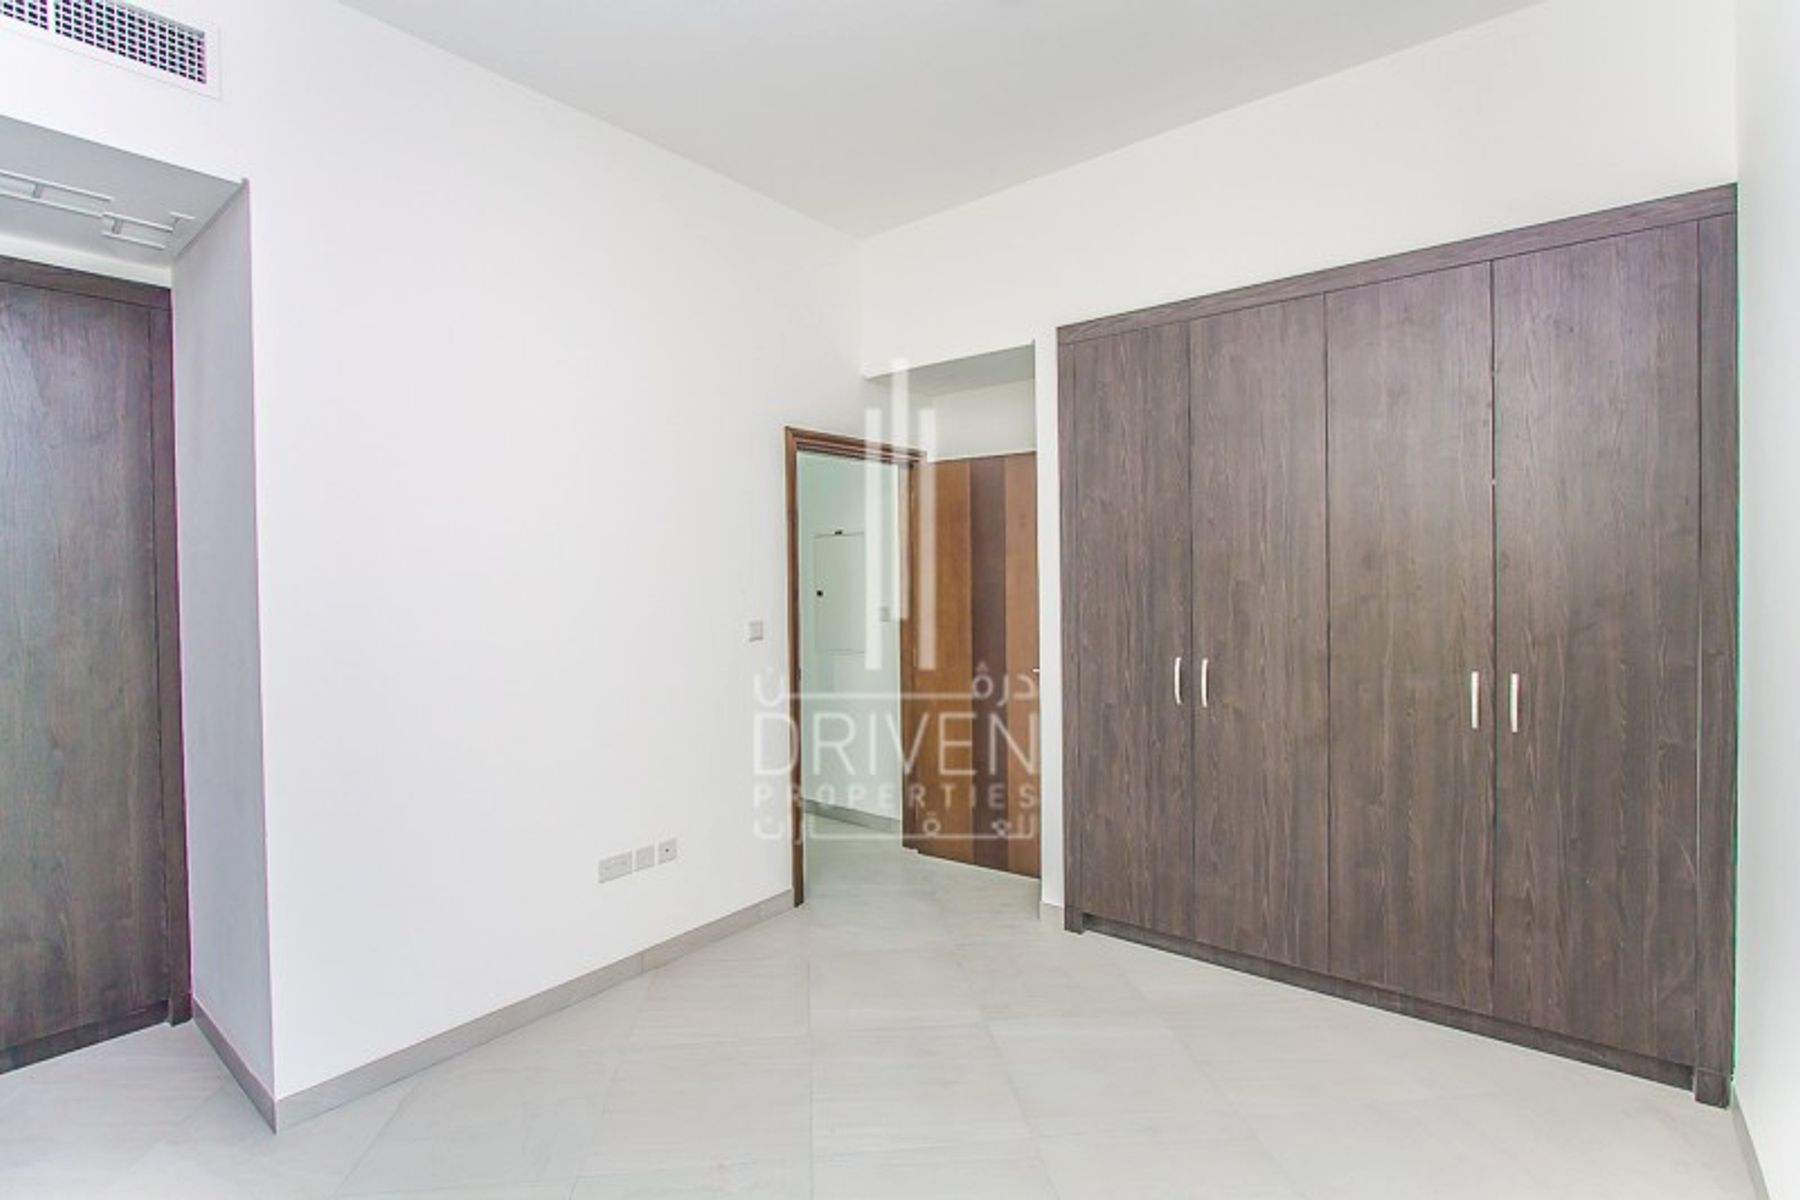 للبيع - فيلا - قصر مالبيري - قرية الجميرا سركل